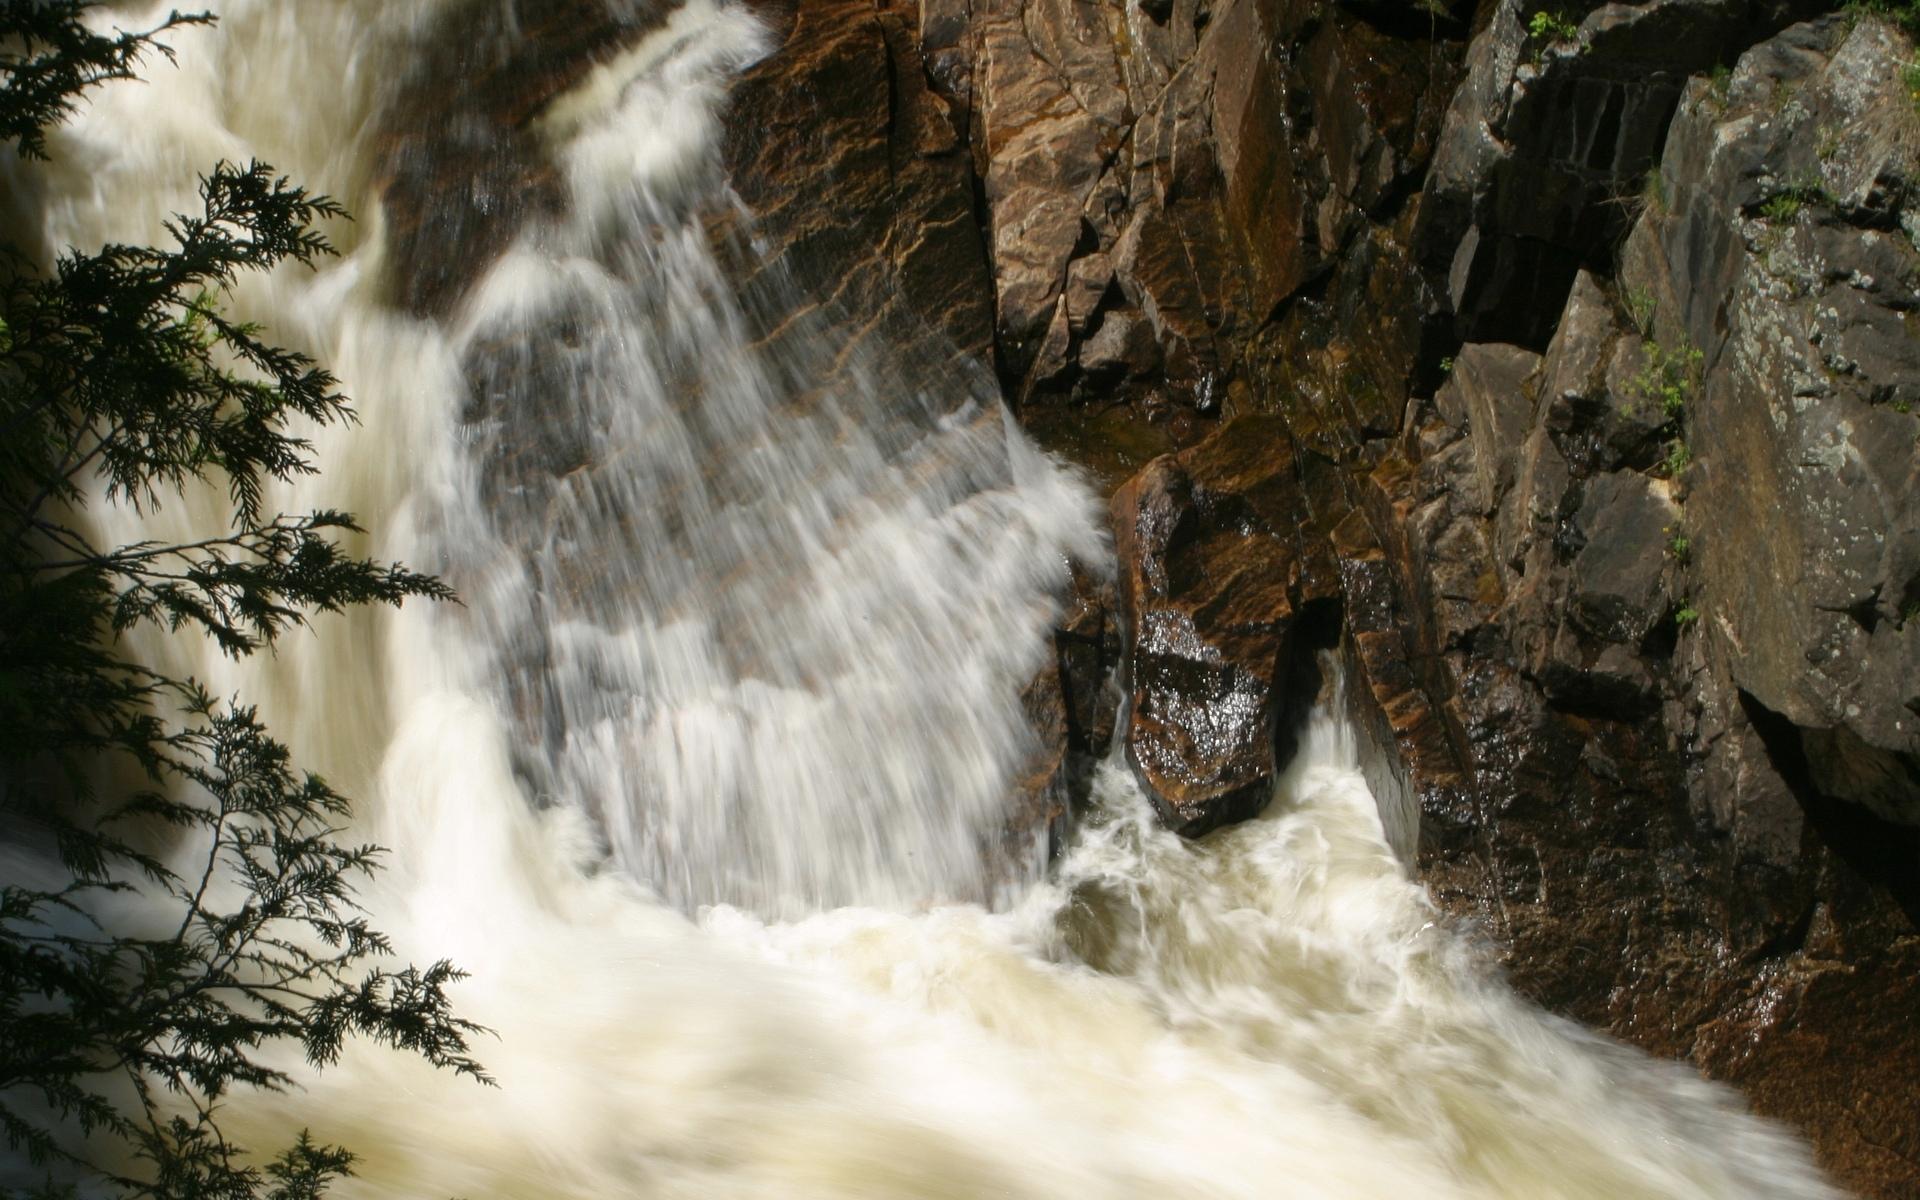 река, течение, камни